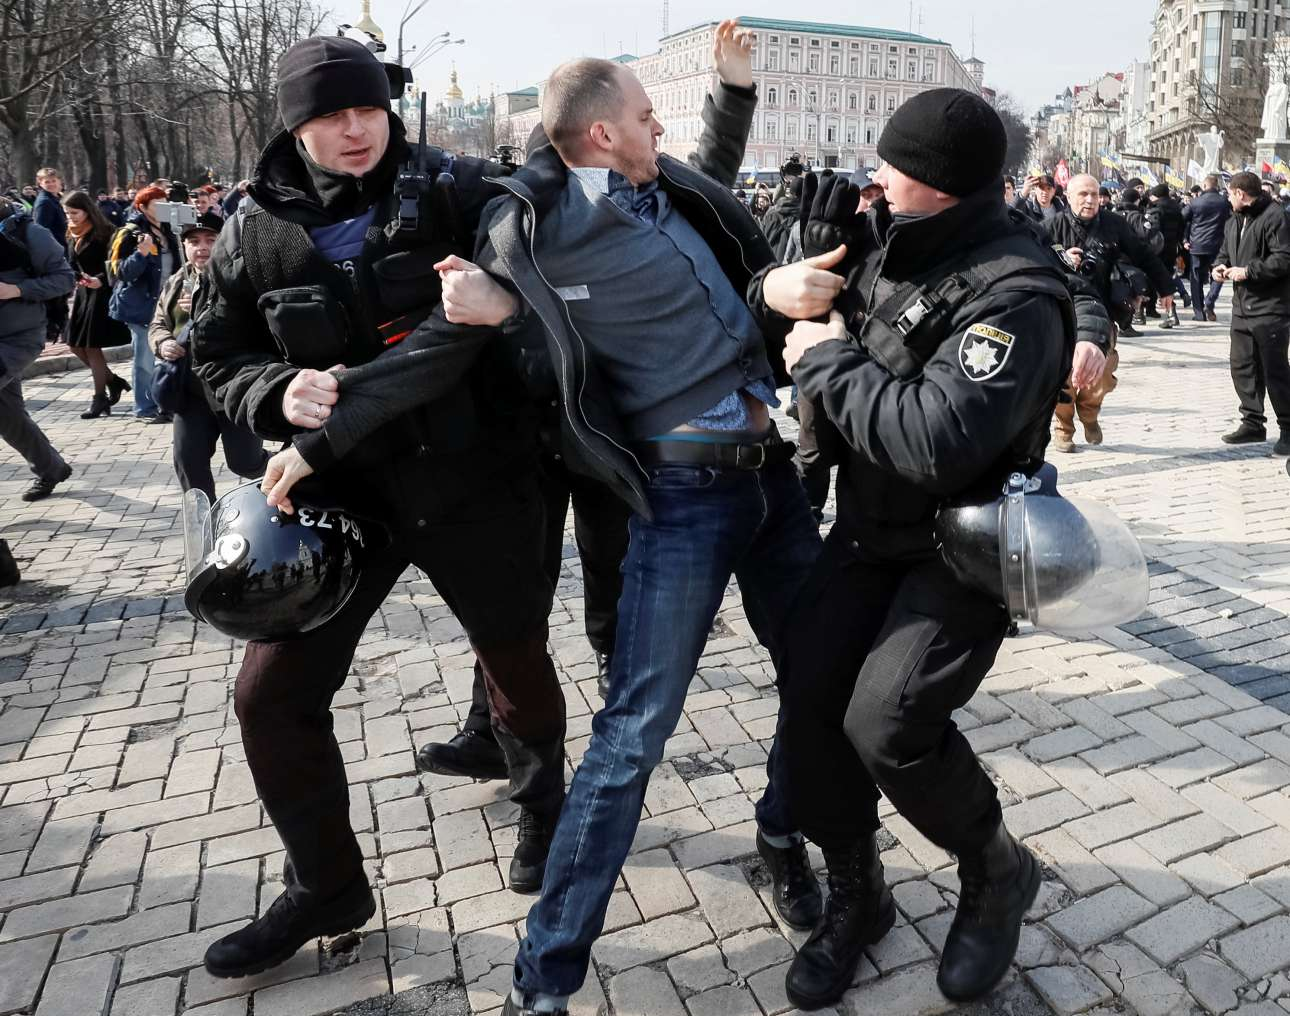 Η ουκρανική αστυνομία συλλαμβάνει άντρα που συμμετείχε σε αντιδιαδήλωση αντρών κατά των γυναικών στο Κίεβο